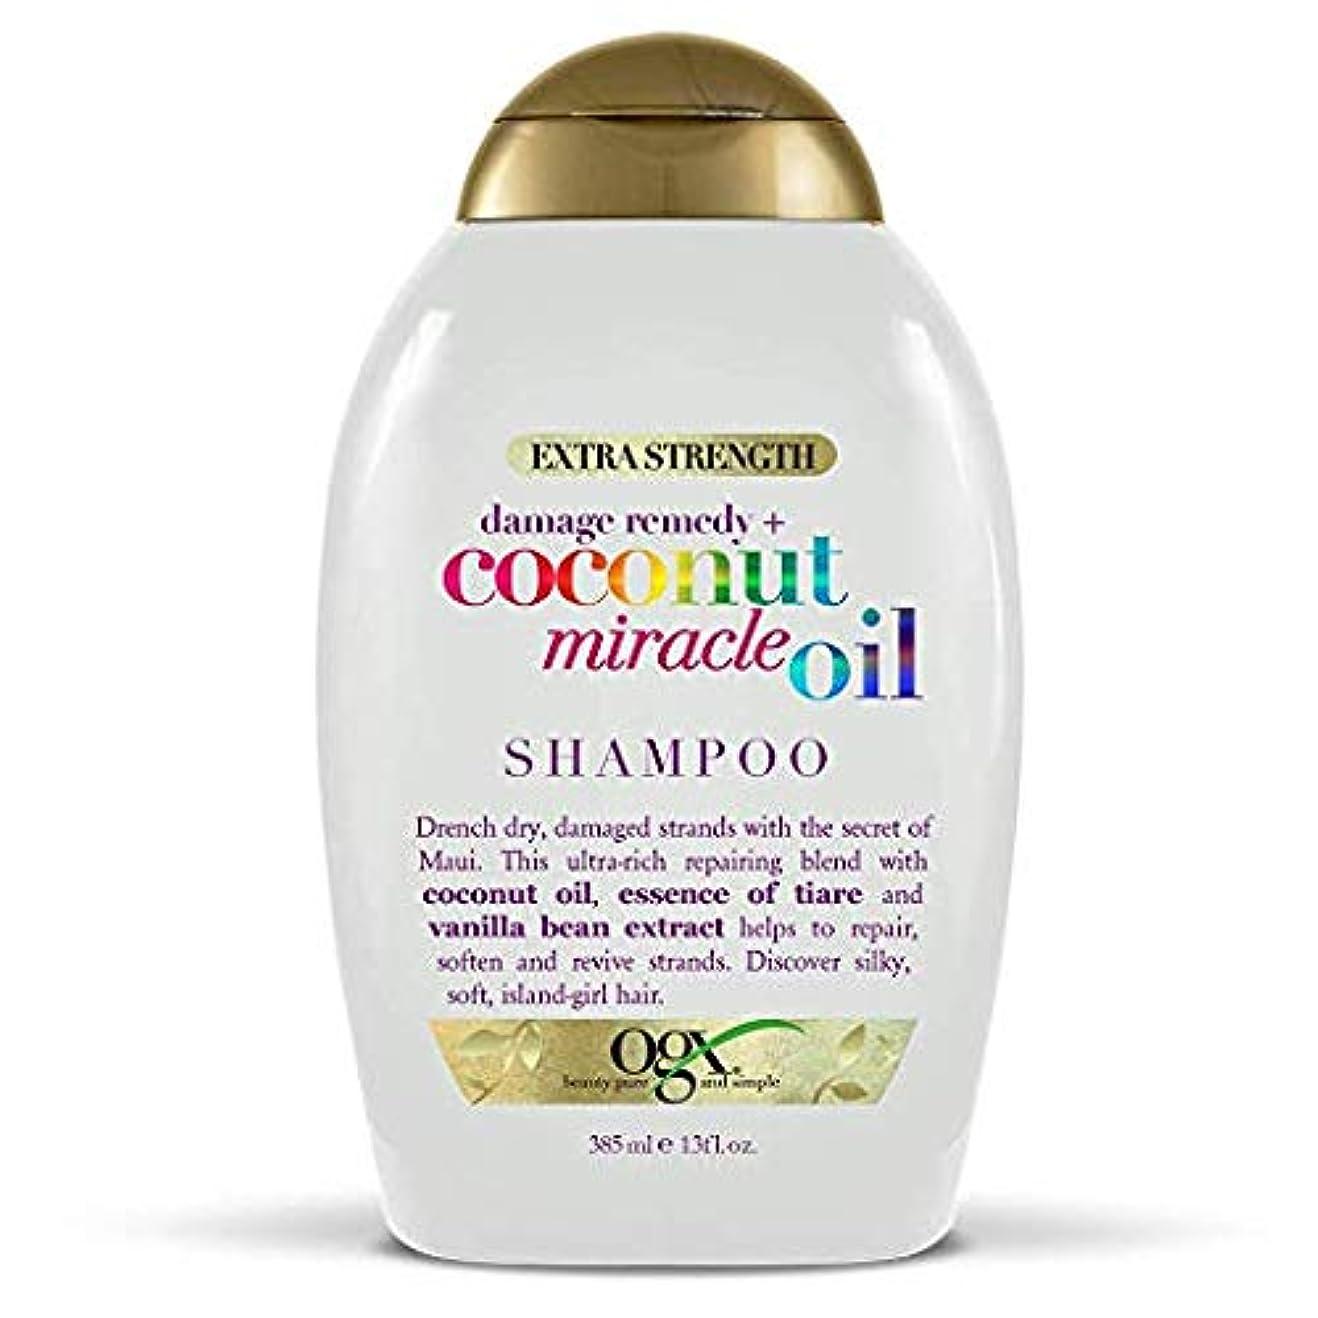 教科書大きなスケールで見ると床を掃除するOgx Shampoo Coconut Miracle Oil Extra Strength 13oz OGX ココナッツミラクルオイル エクストラストレングス シャンプー 385ml [並行輸入品]